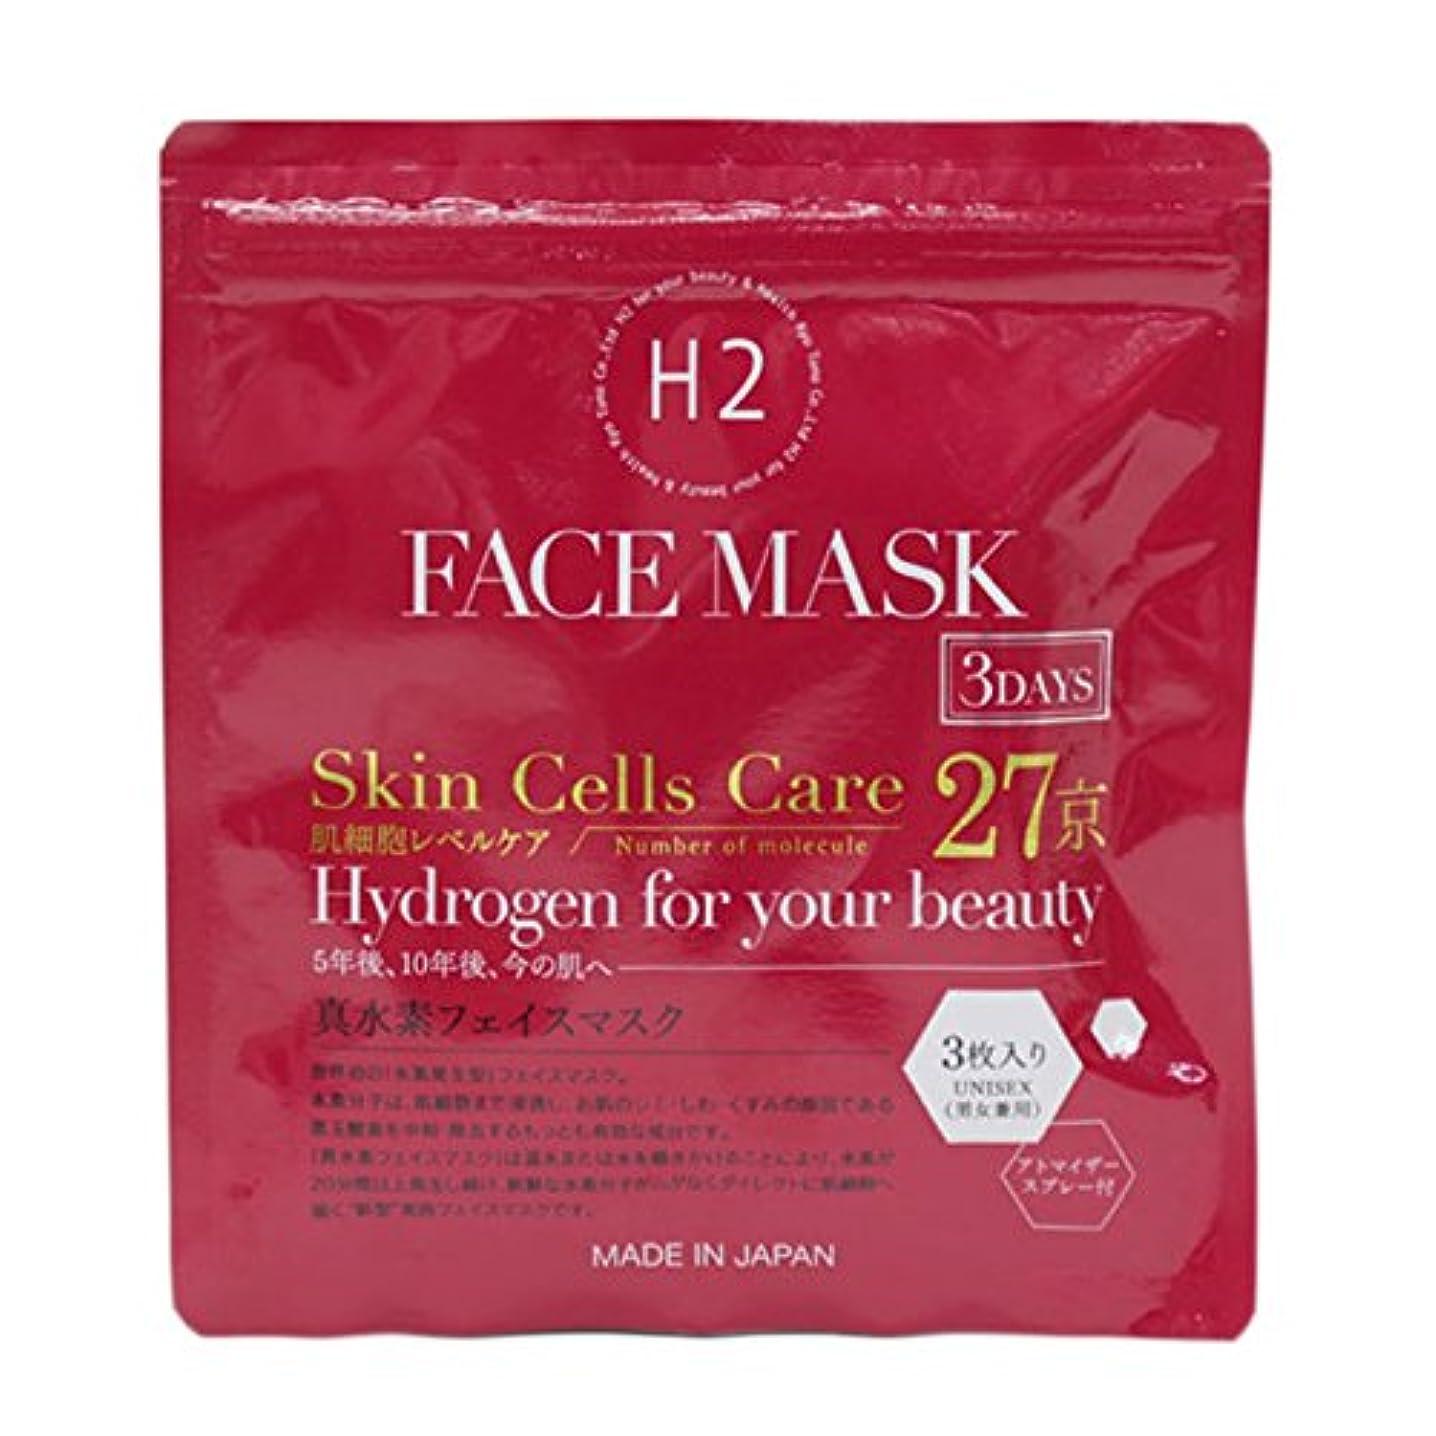 外国人現代の論理的にKyotomo 真水素フェイスマスク 3枚